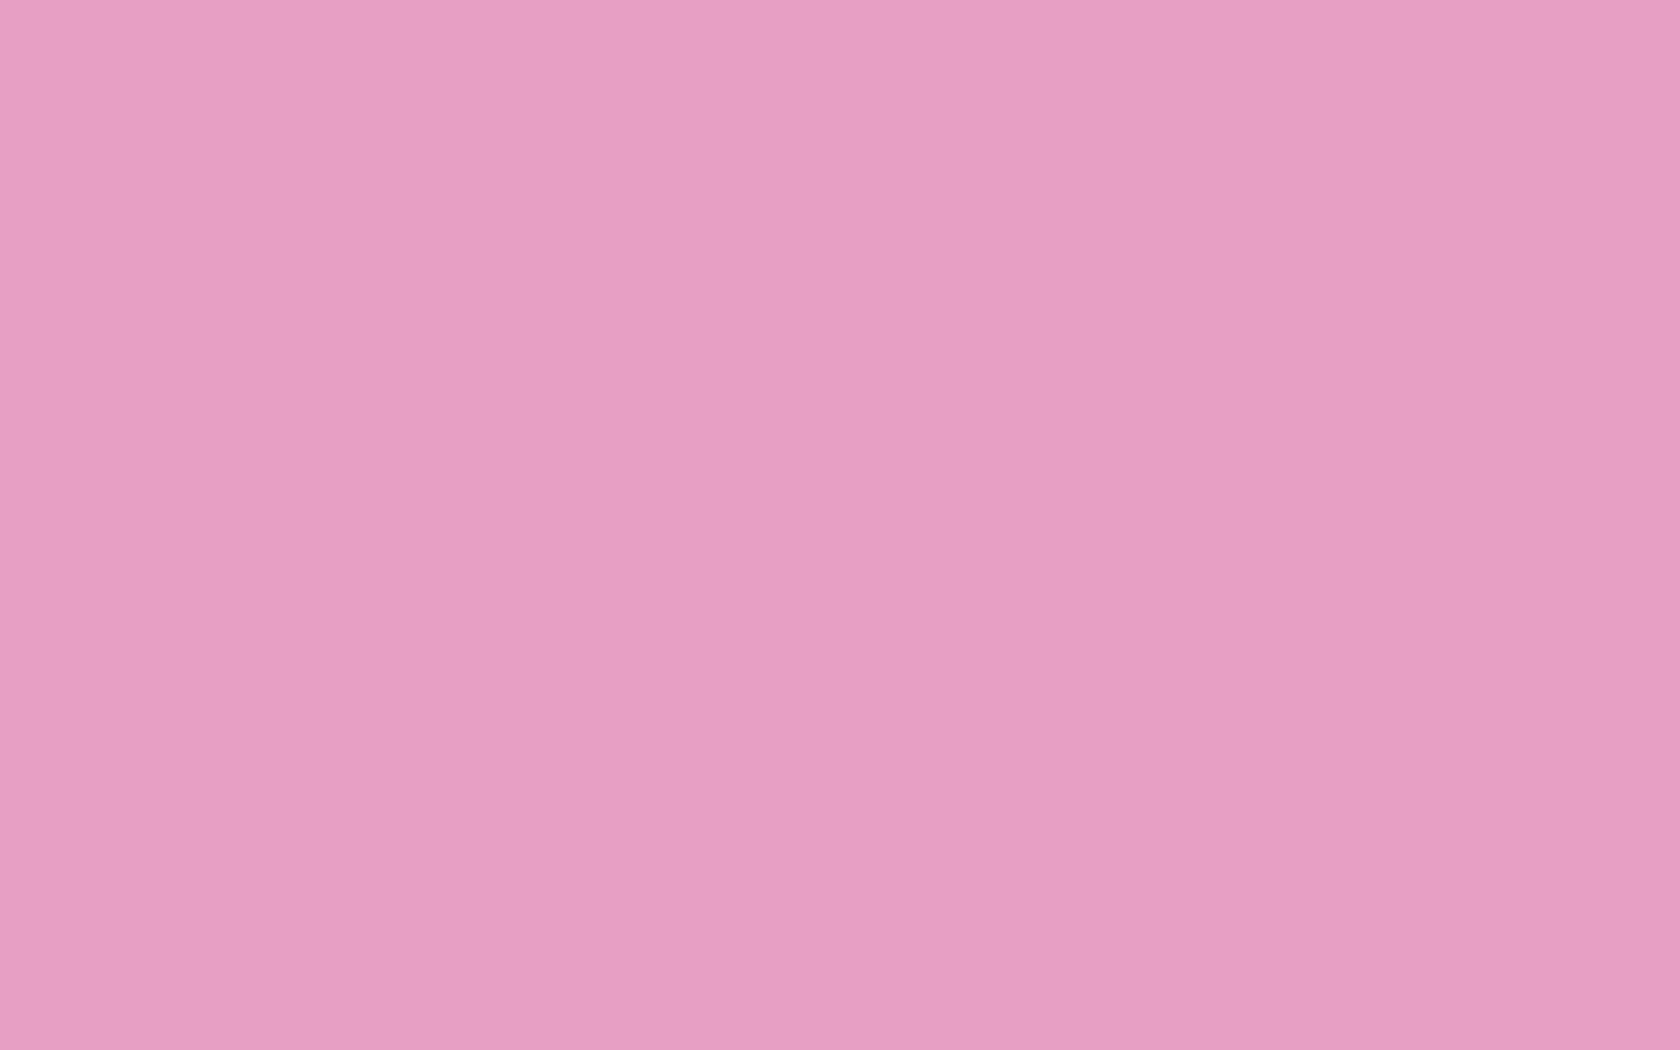 1680x1050 Kobi Solid Color Background